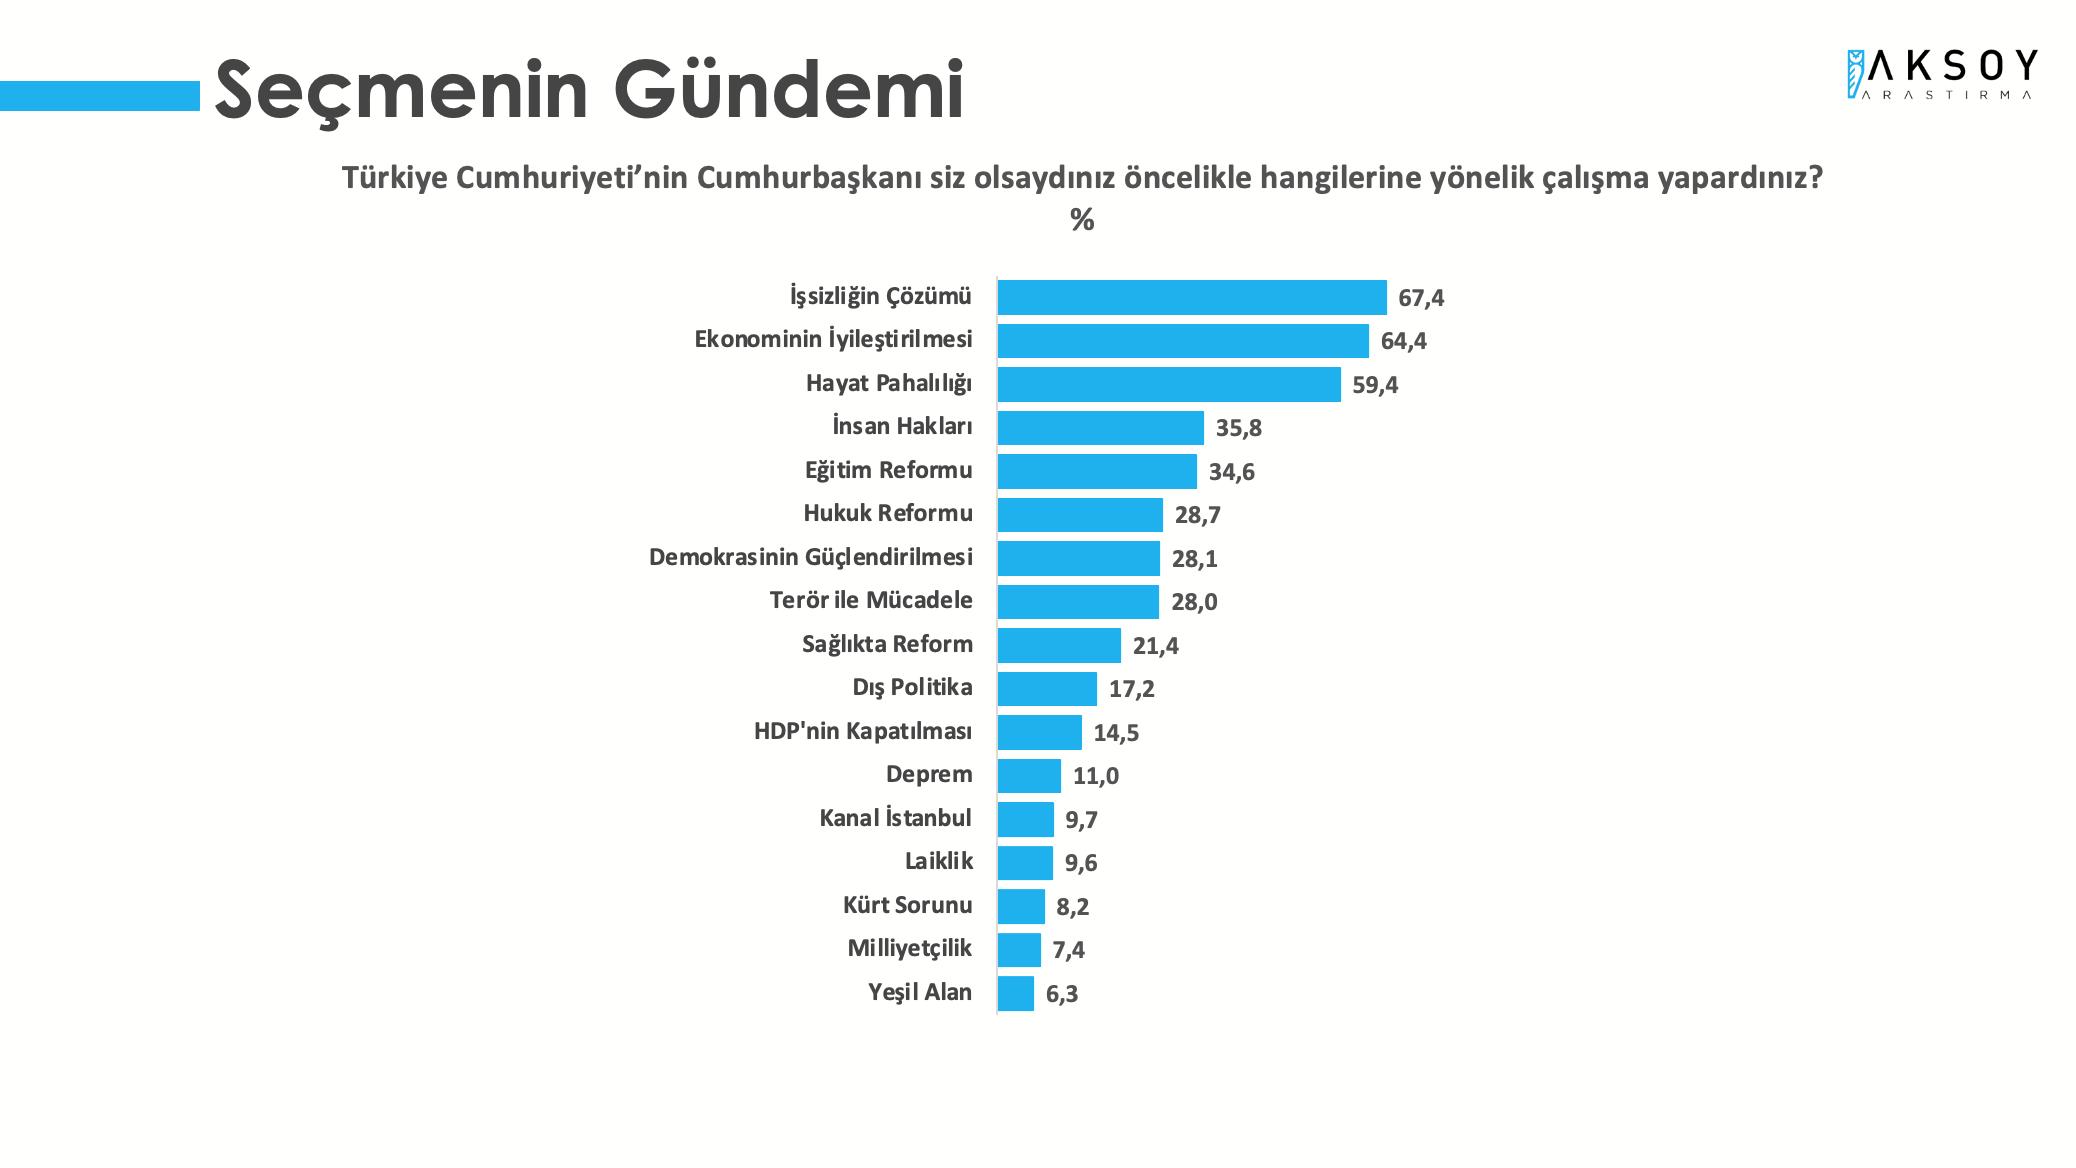 <p><strong>SEÇMENDE BİRİNCİ GÜNDEM İŞSİZLİK</strong></p><p>Türkiye Monitörü Mayıs 2021 raporunda, katılımcılara Türkiye Cumhuriyeti'nin Cumhurbaşkanı siz olsaydınız öncelikle hangi alanlarda çalışma yapardınız? sorusuna katılımcıların yüzde 67,4'ü 'İşsizliğin Çözümü' yanıtını verirken; yüzde 64,4 ile 'Ekonominin İyileştirilmesi' ikinci sırada yer aldı. Onu yüzde 59,4 ile 'Hayat Pahalılığı' tanıtı takip etti.</p>